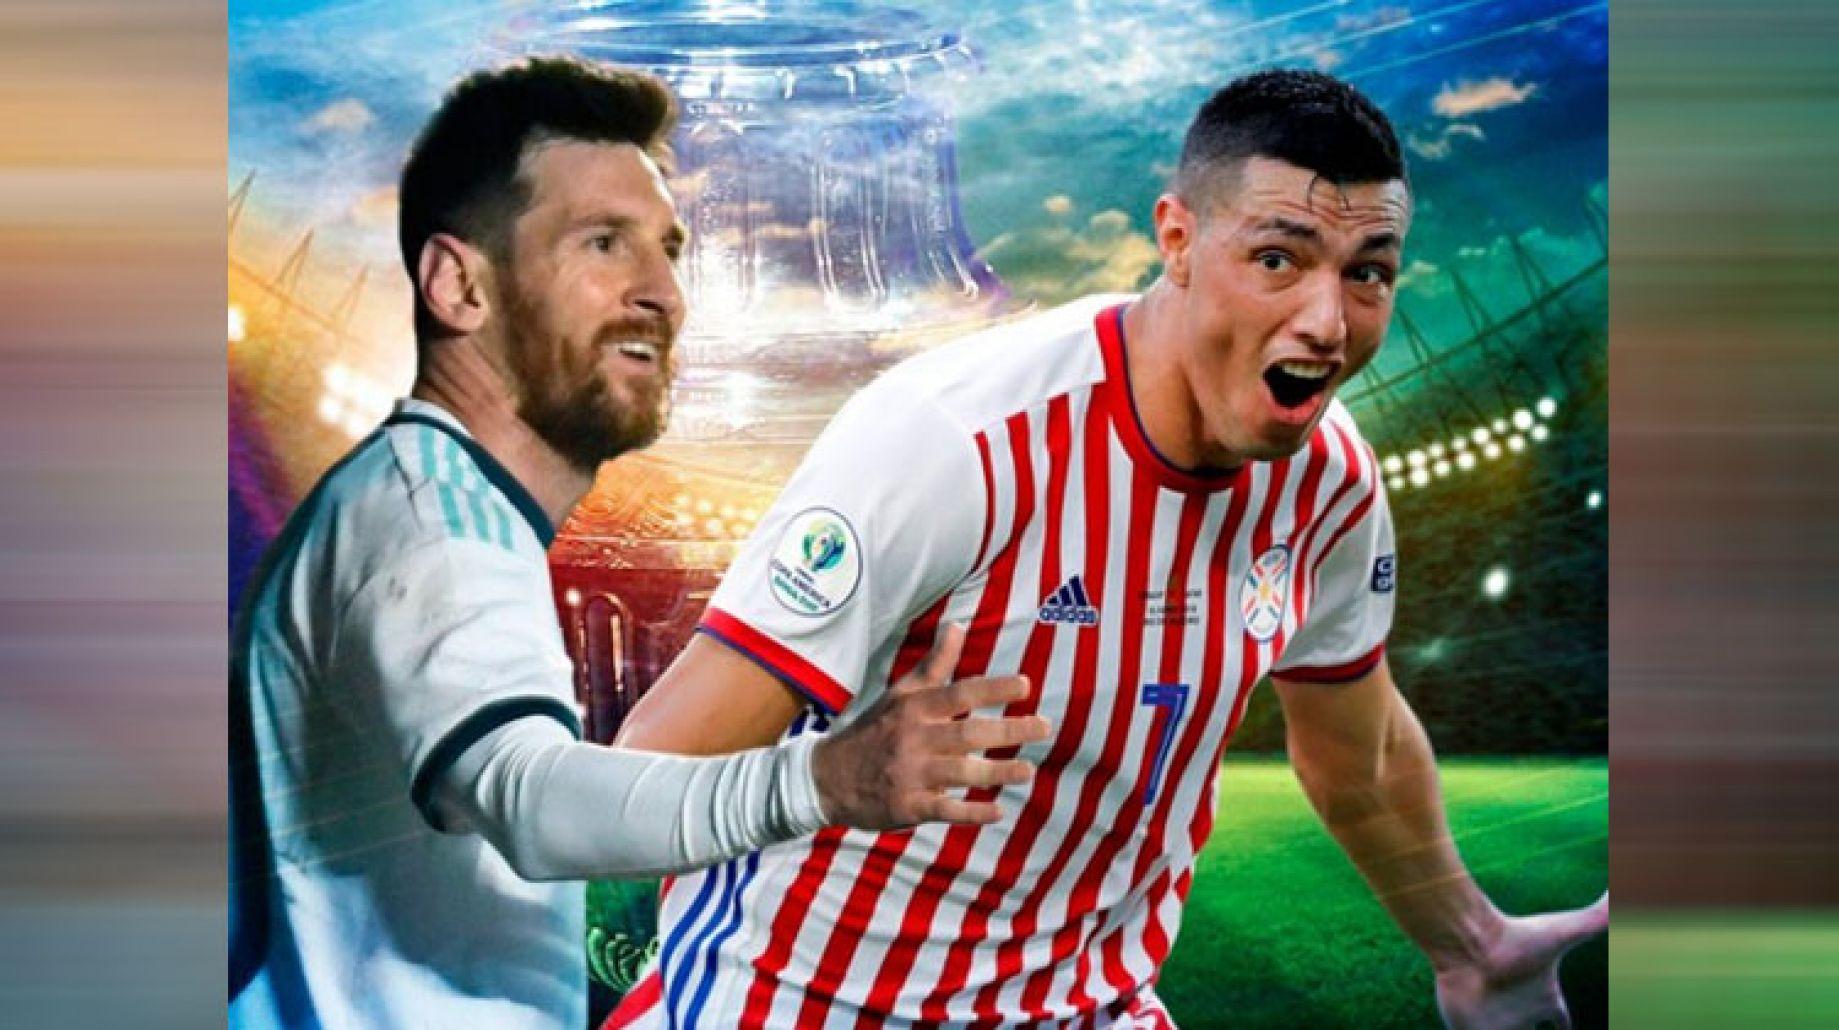 الأرجنتين ضد باراجواي  ..  أبرز مباريات اليوم في الملاعب العالمية والقنوات الناقلة